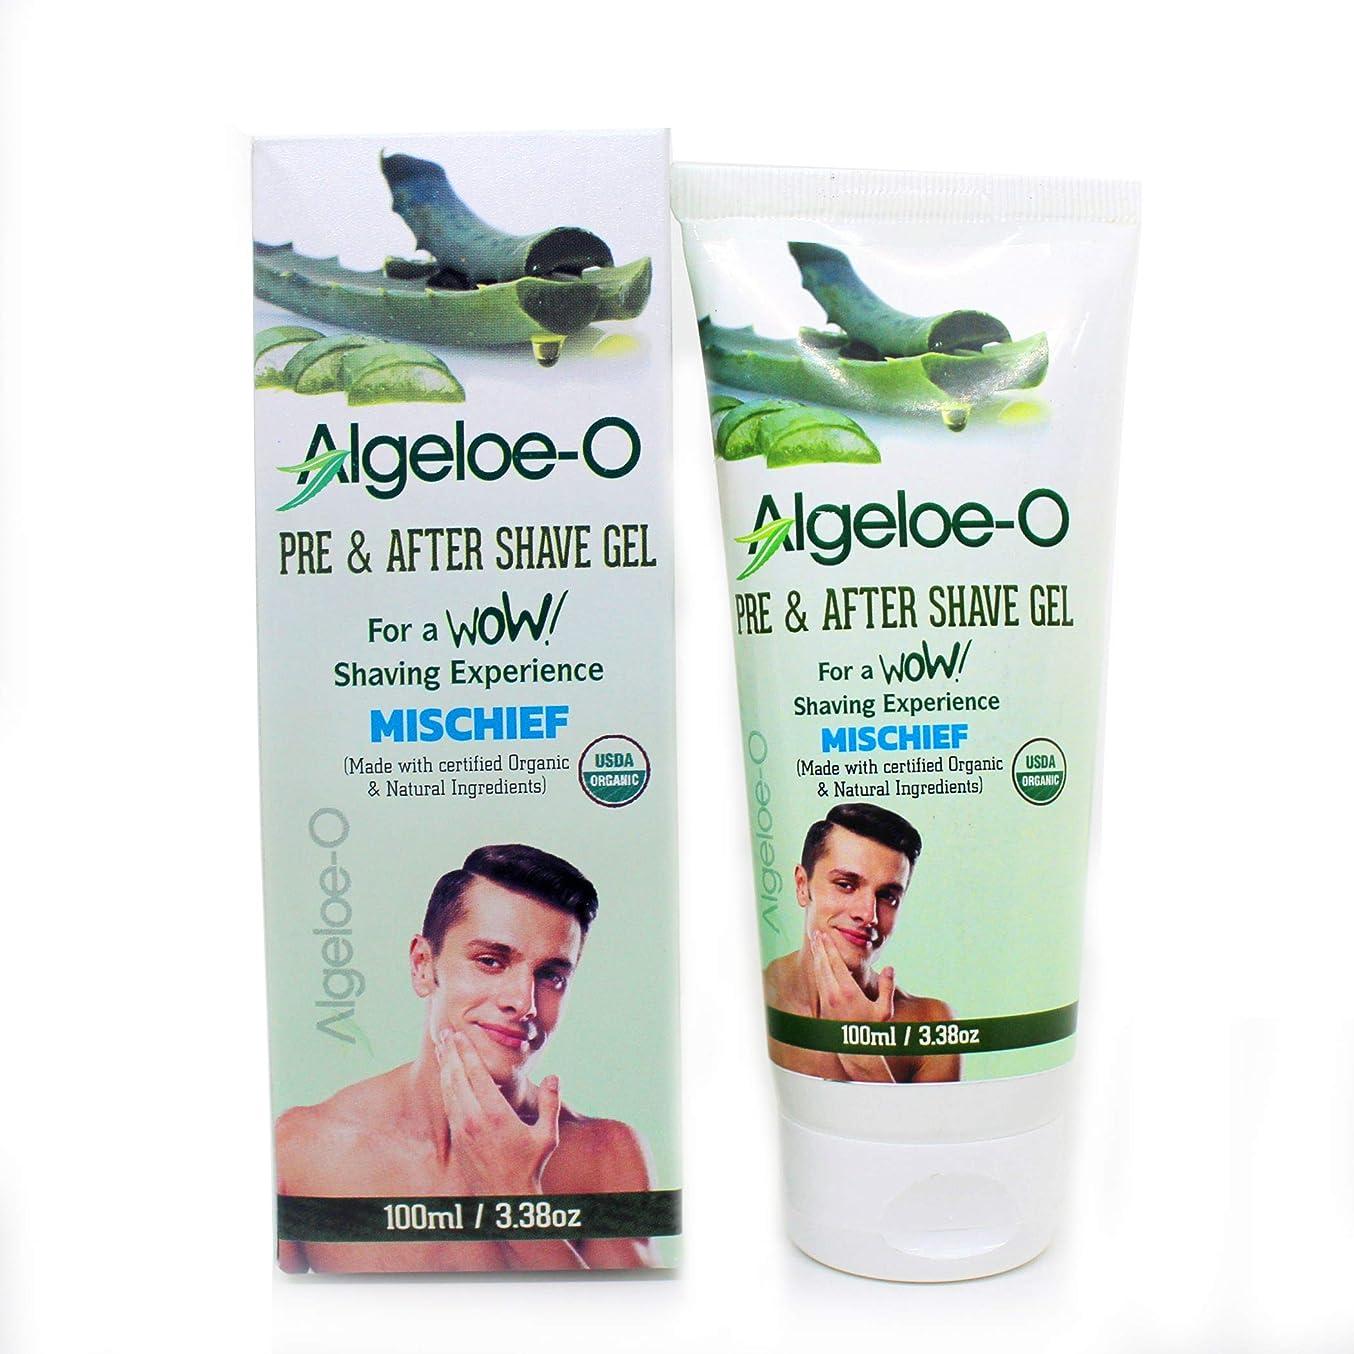 禁止移行コンプリートAloevera Pre And After Shave Gel - Algeloe O Made With Certified USDA Organic And Natural Ingredients - Mischief 100 ml (3.38 Oz.)